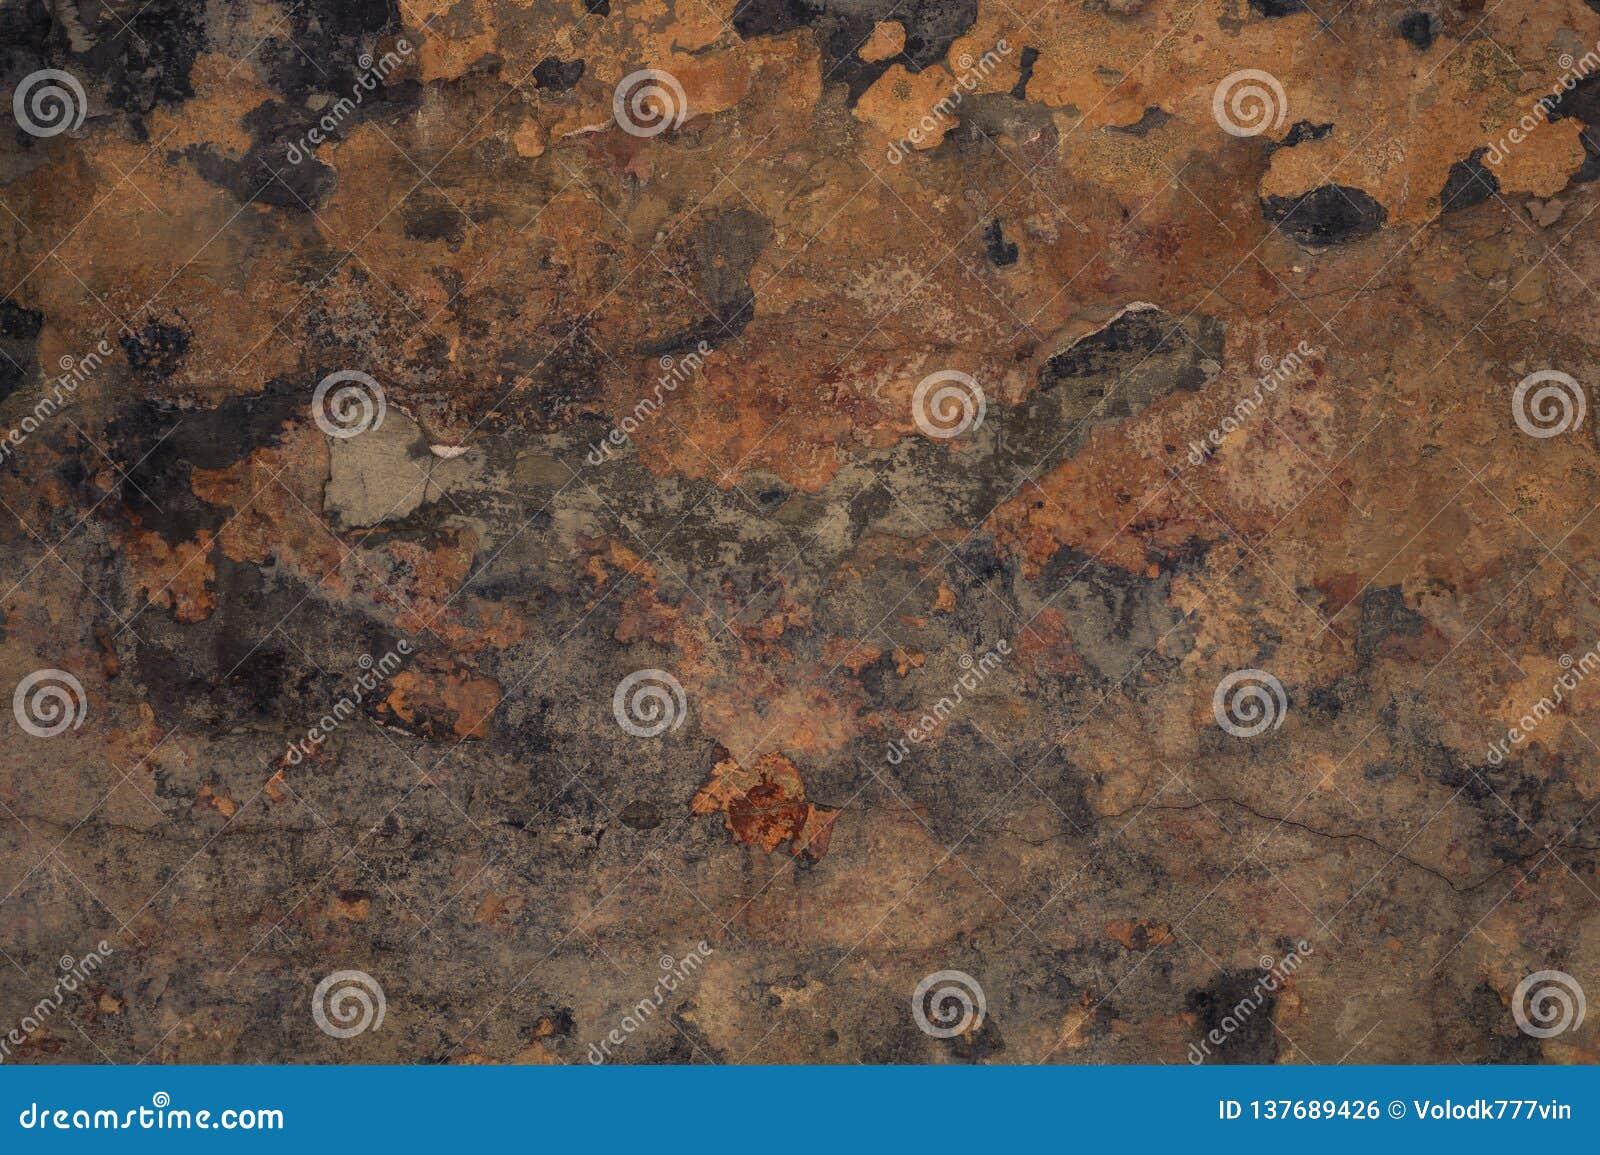 Priorità bassa interessante parete marrone del fondo di lerciume